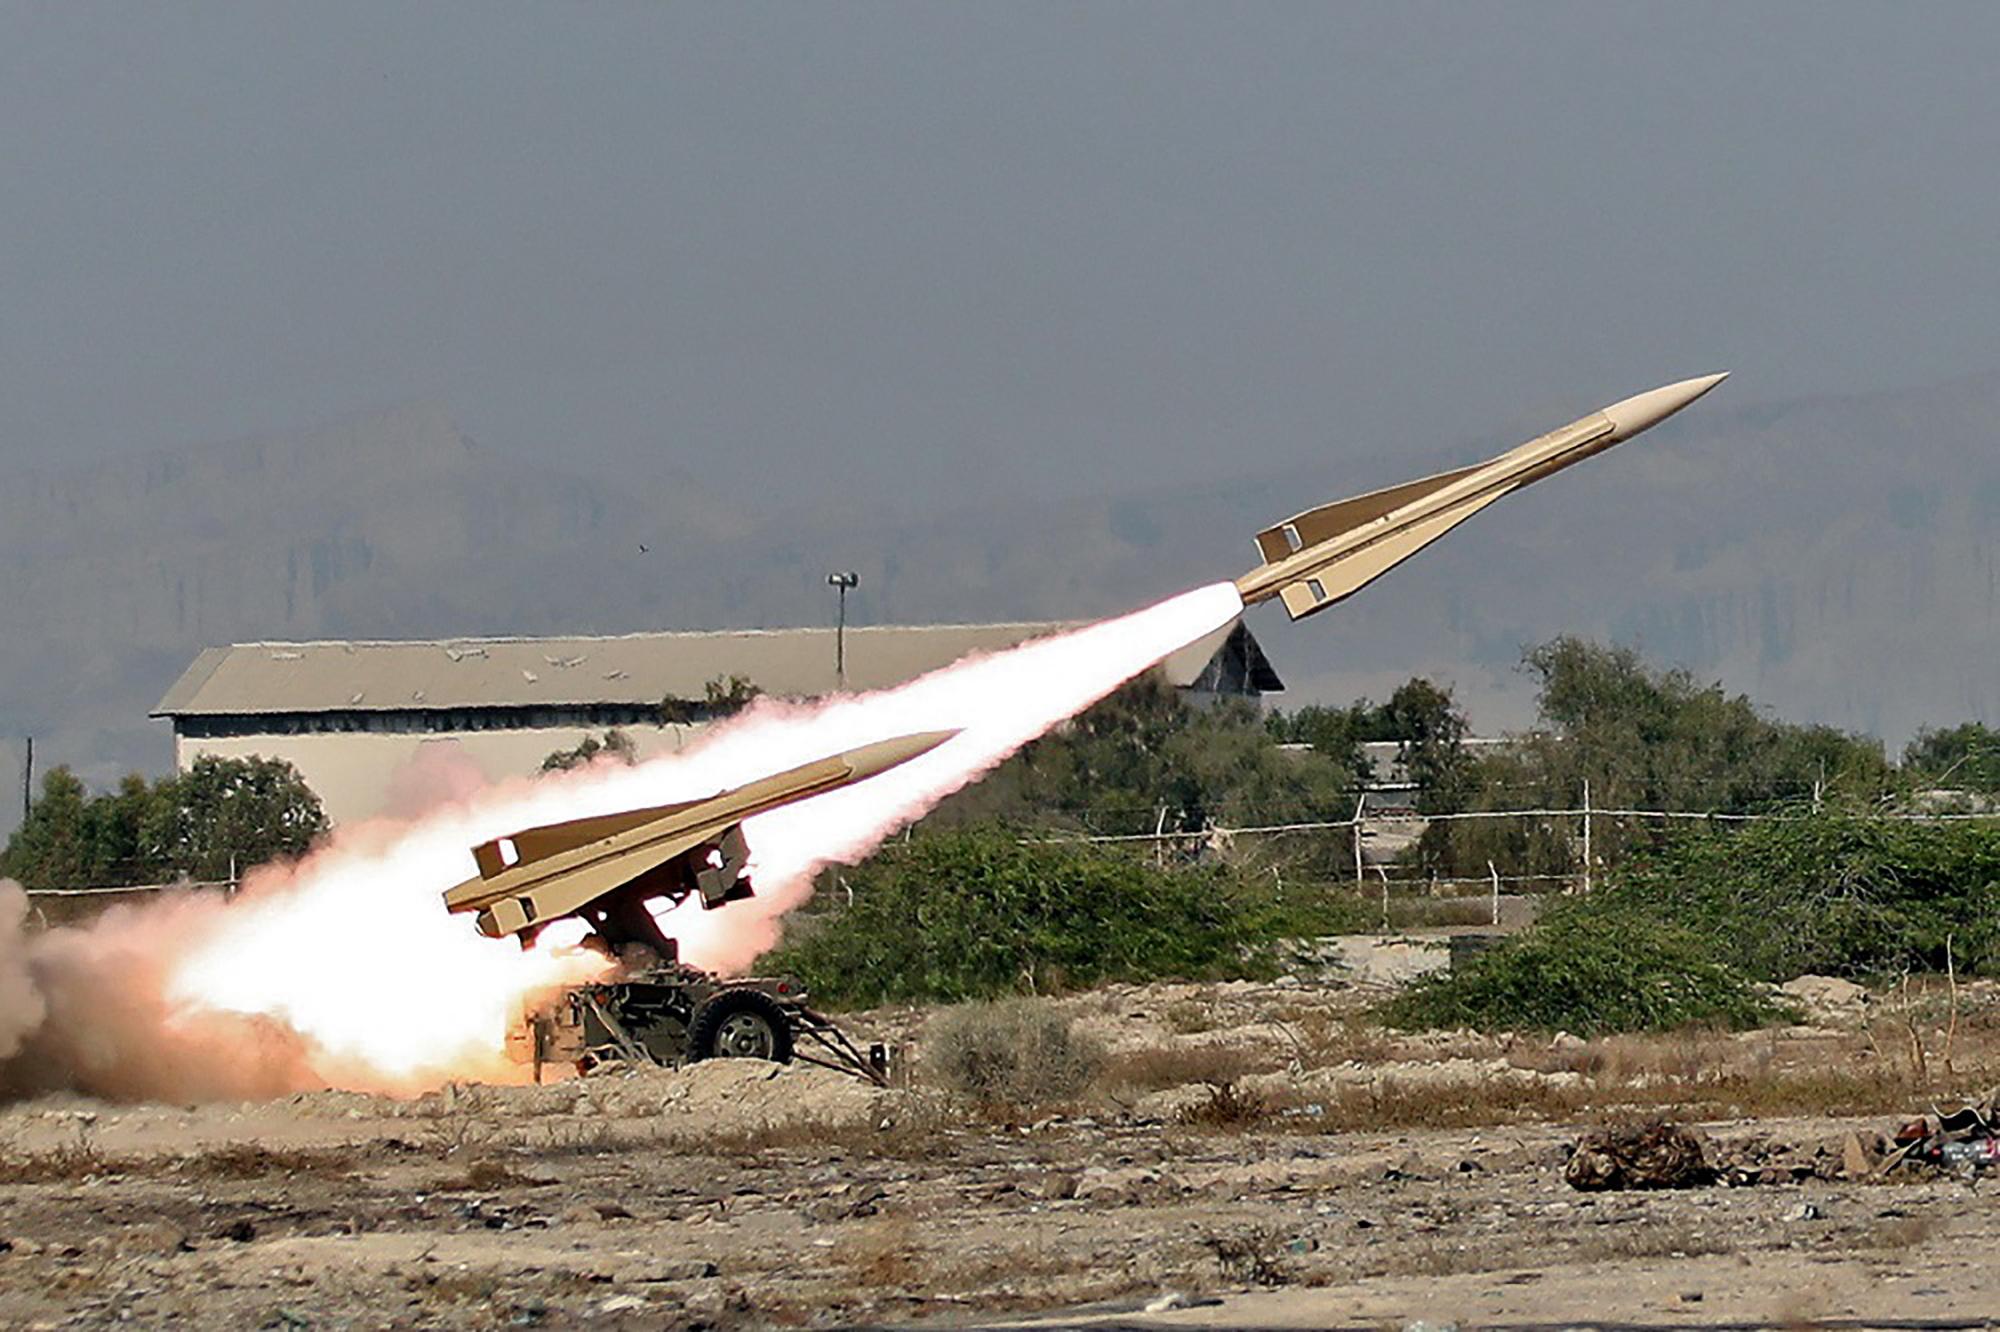 המצפה אמר כי הטילים הם מסוג קרקע-קרקע